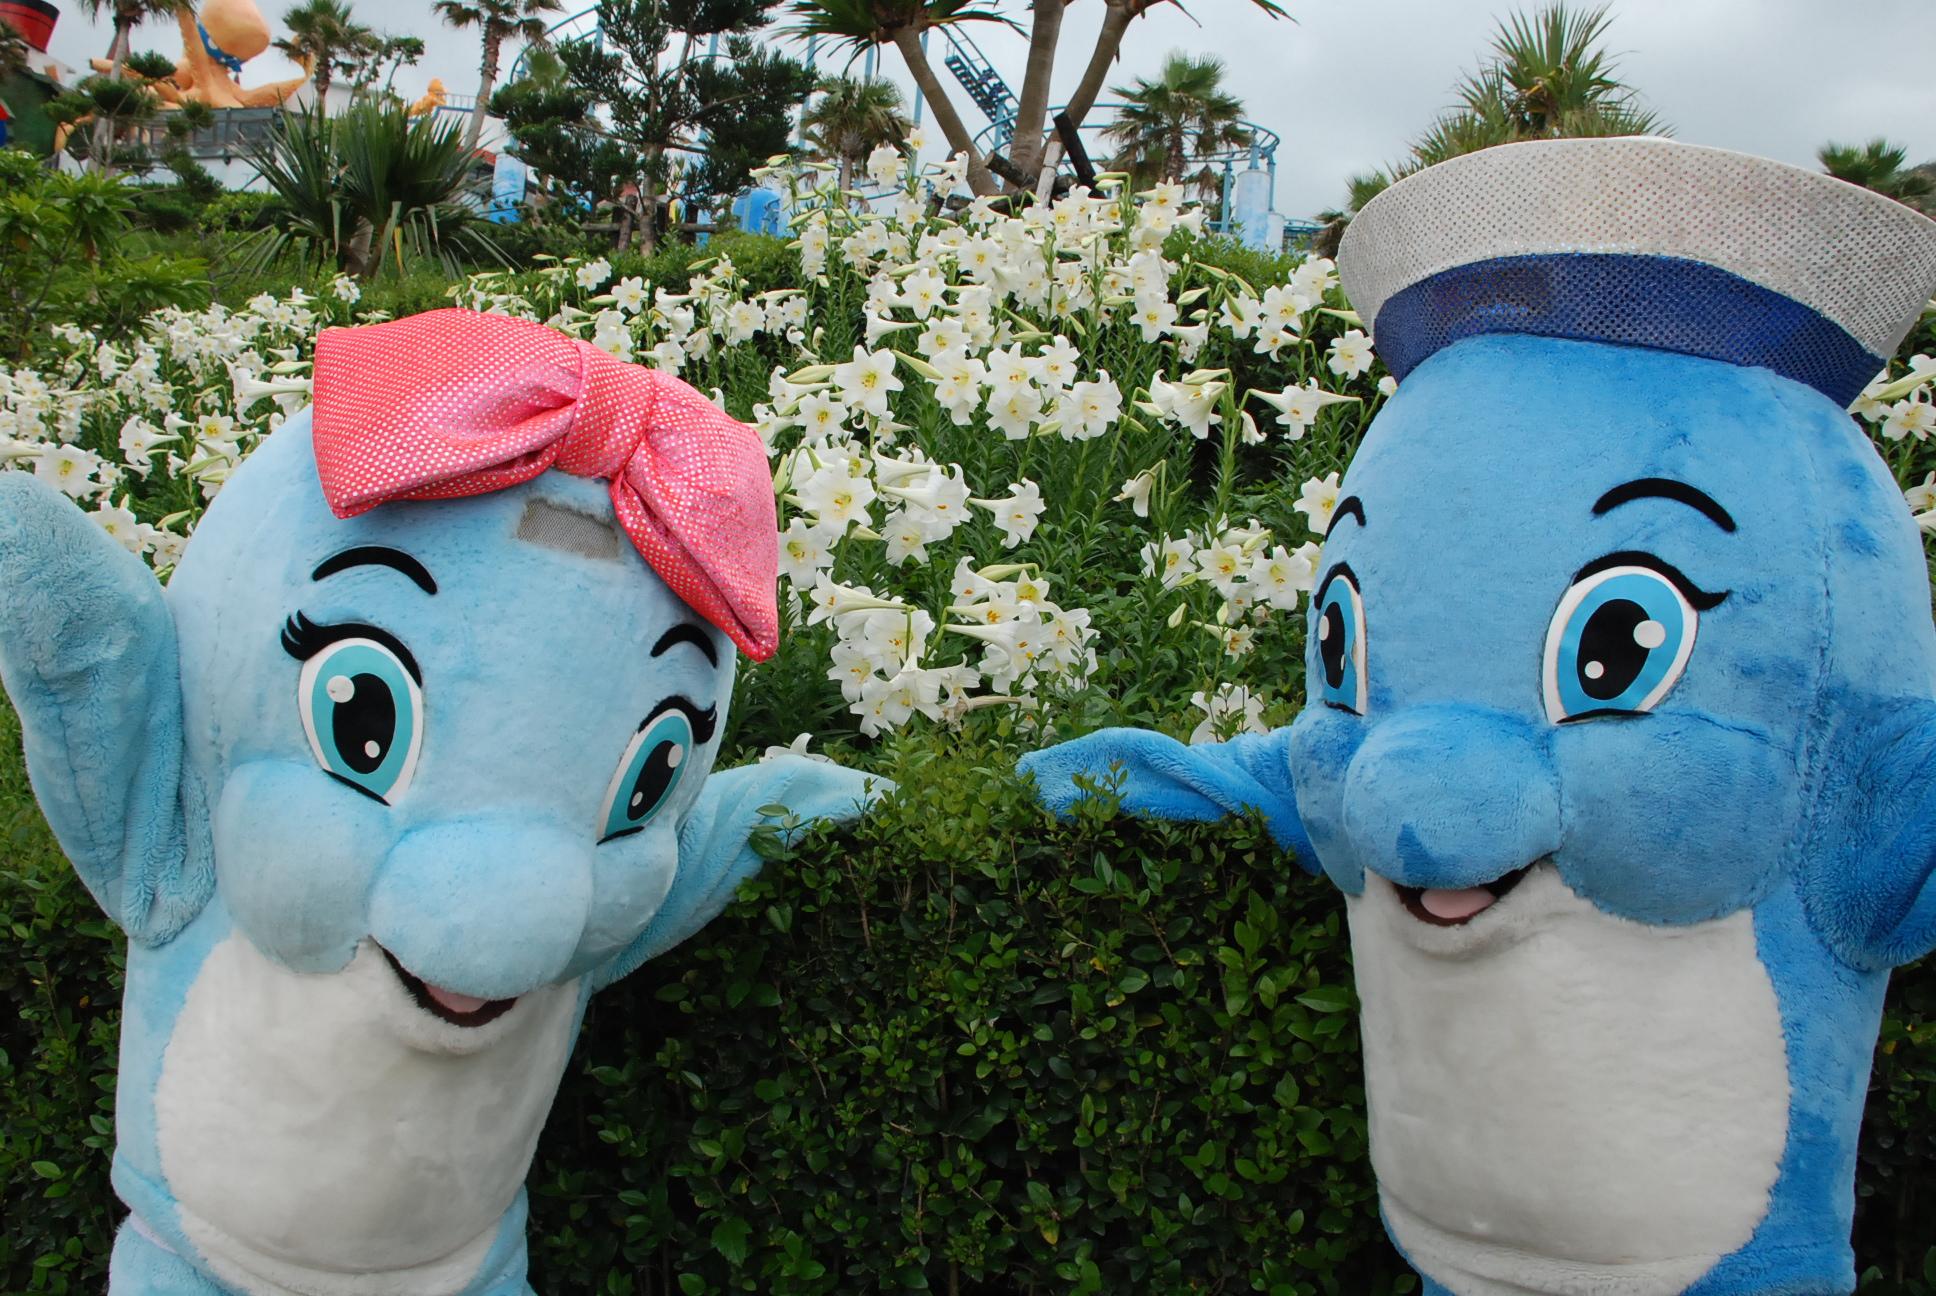 獨賣 海豚熱吻 + 浪漫百合花海 一起九九雙人套票 給您幸福海洋的承諾